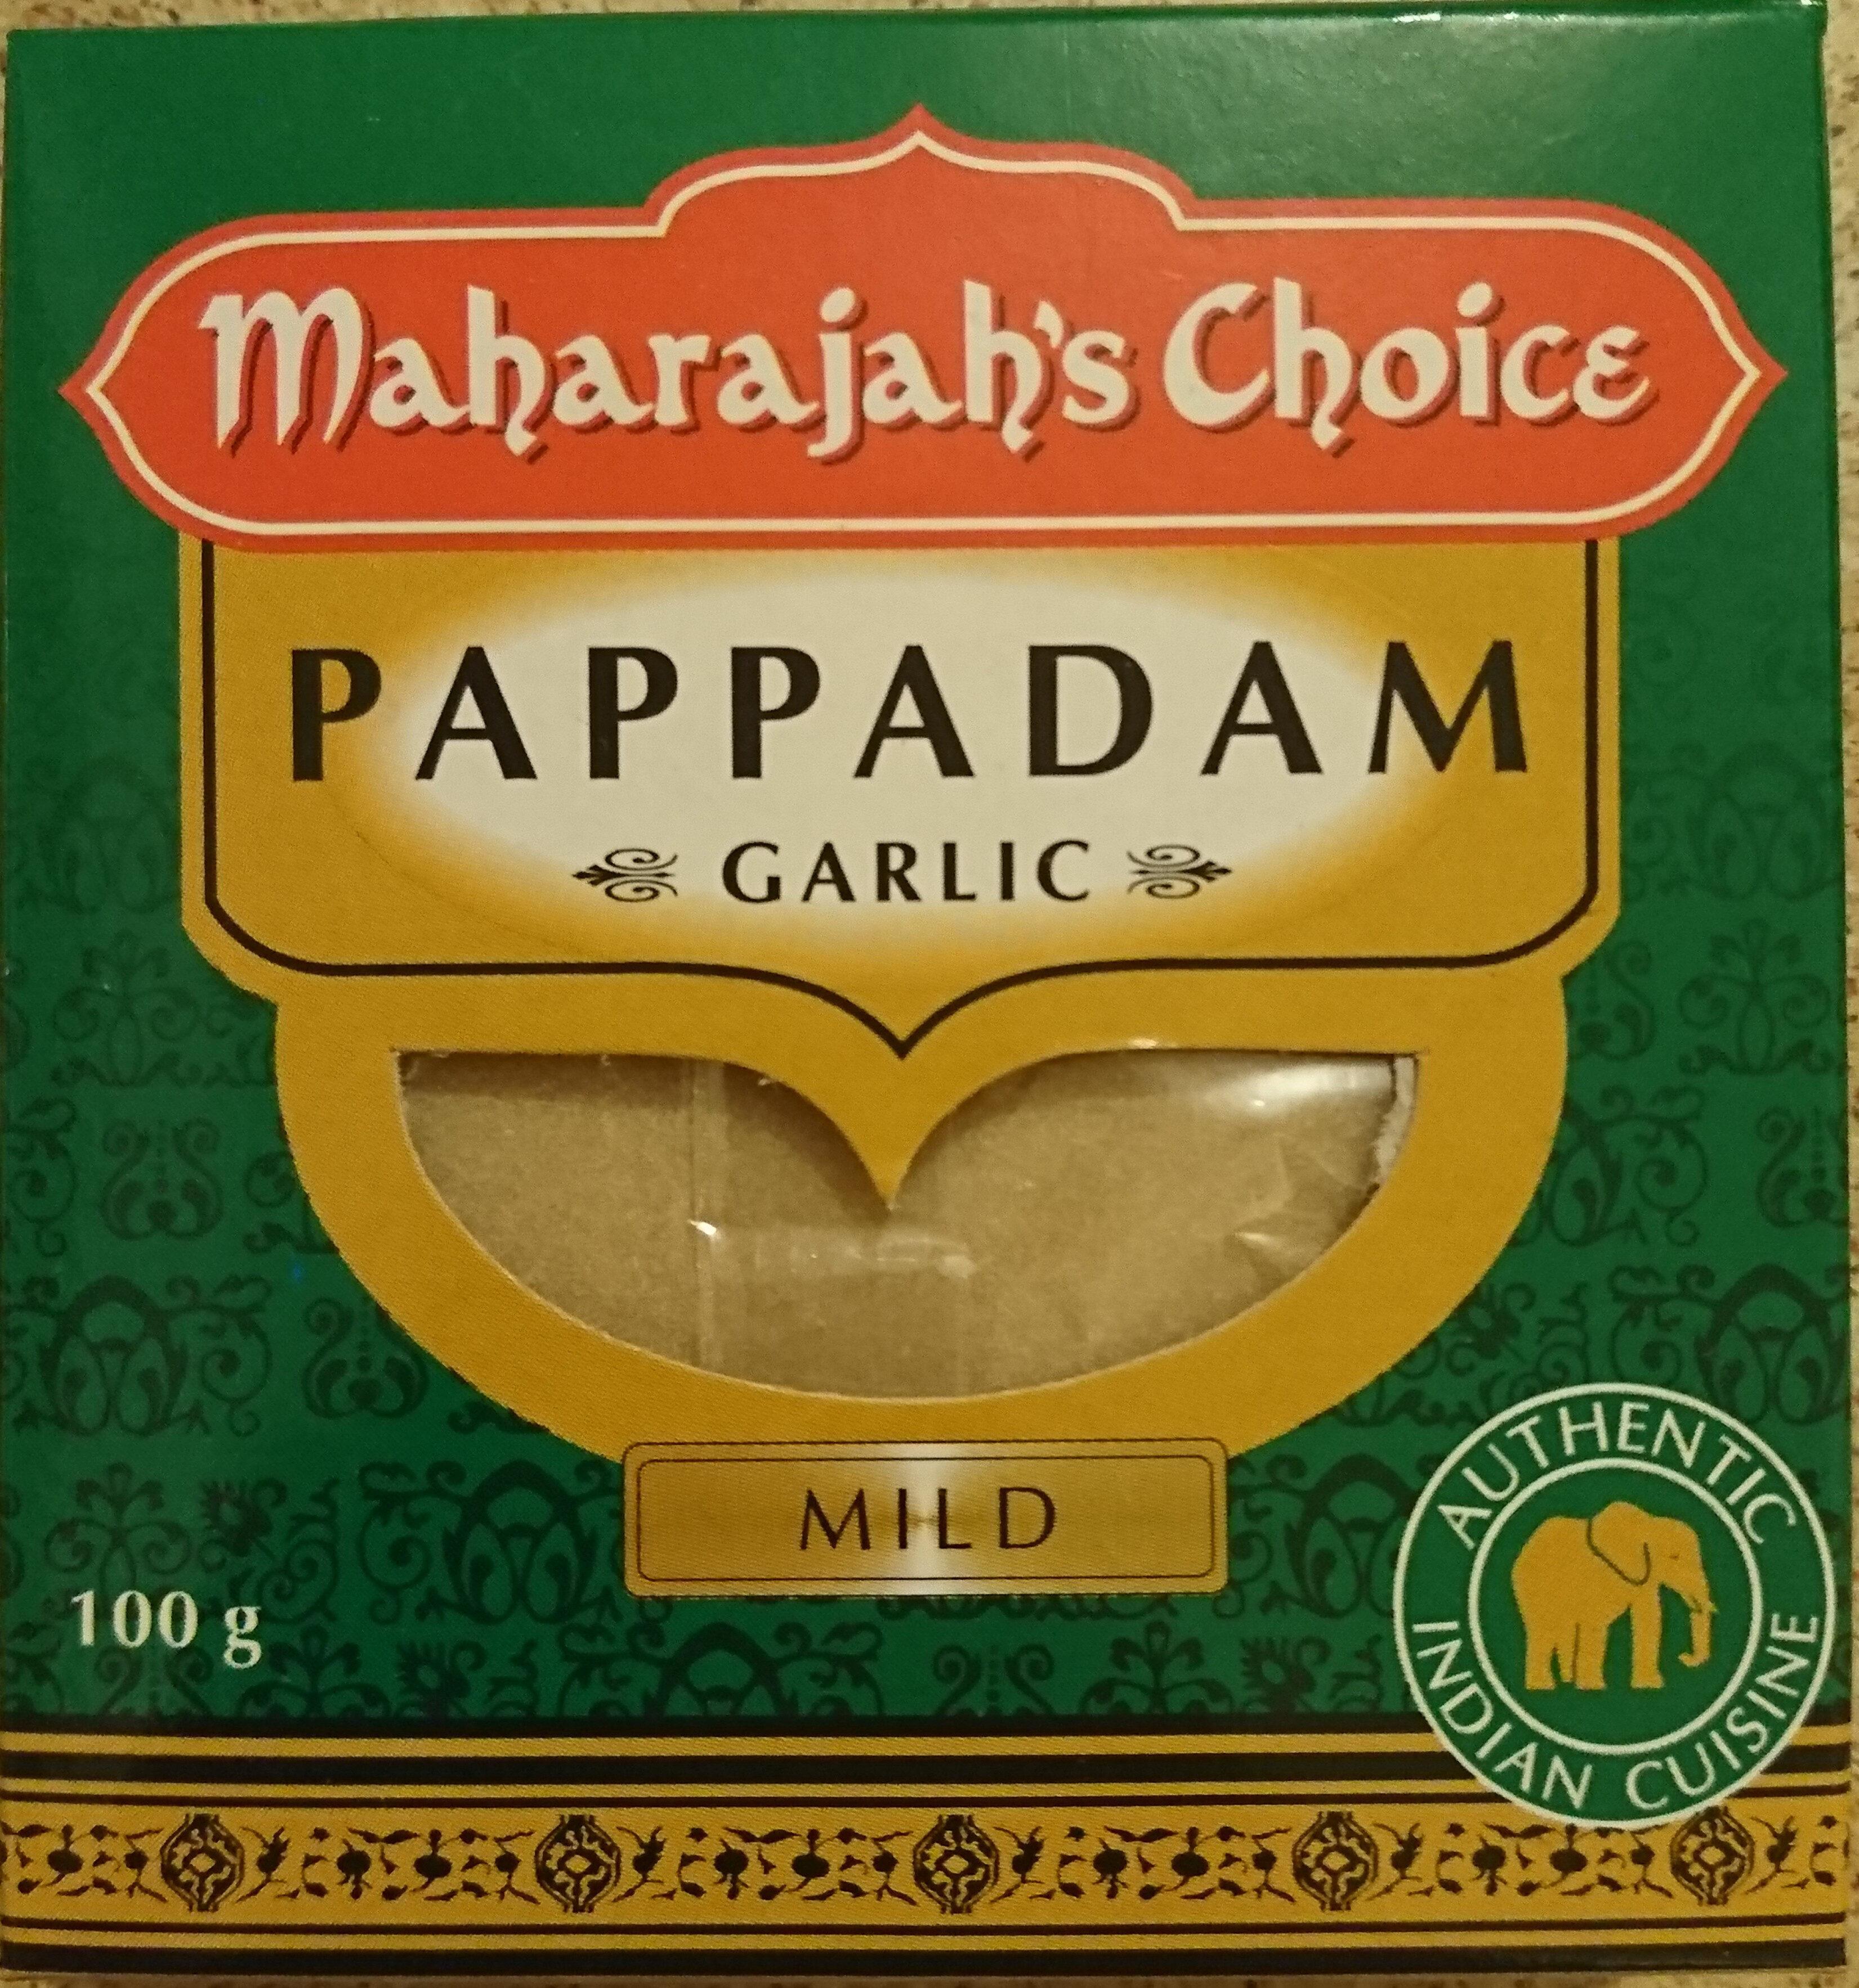 Pappadam Garlic Mild - Prodotto - en